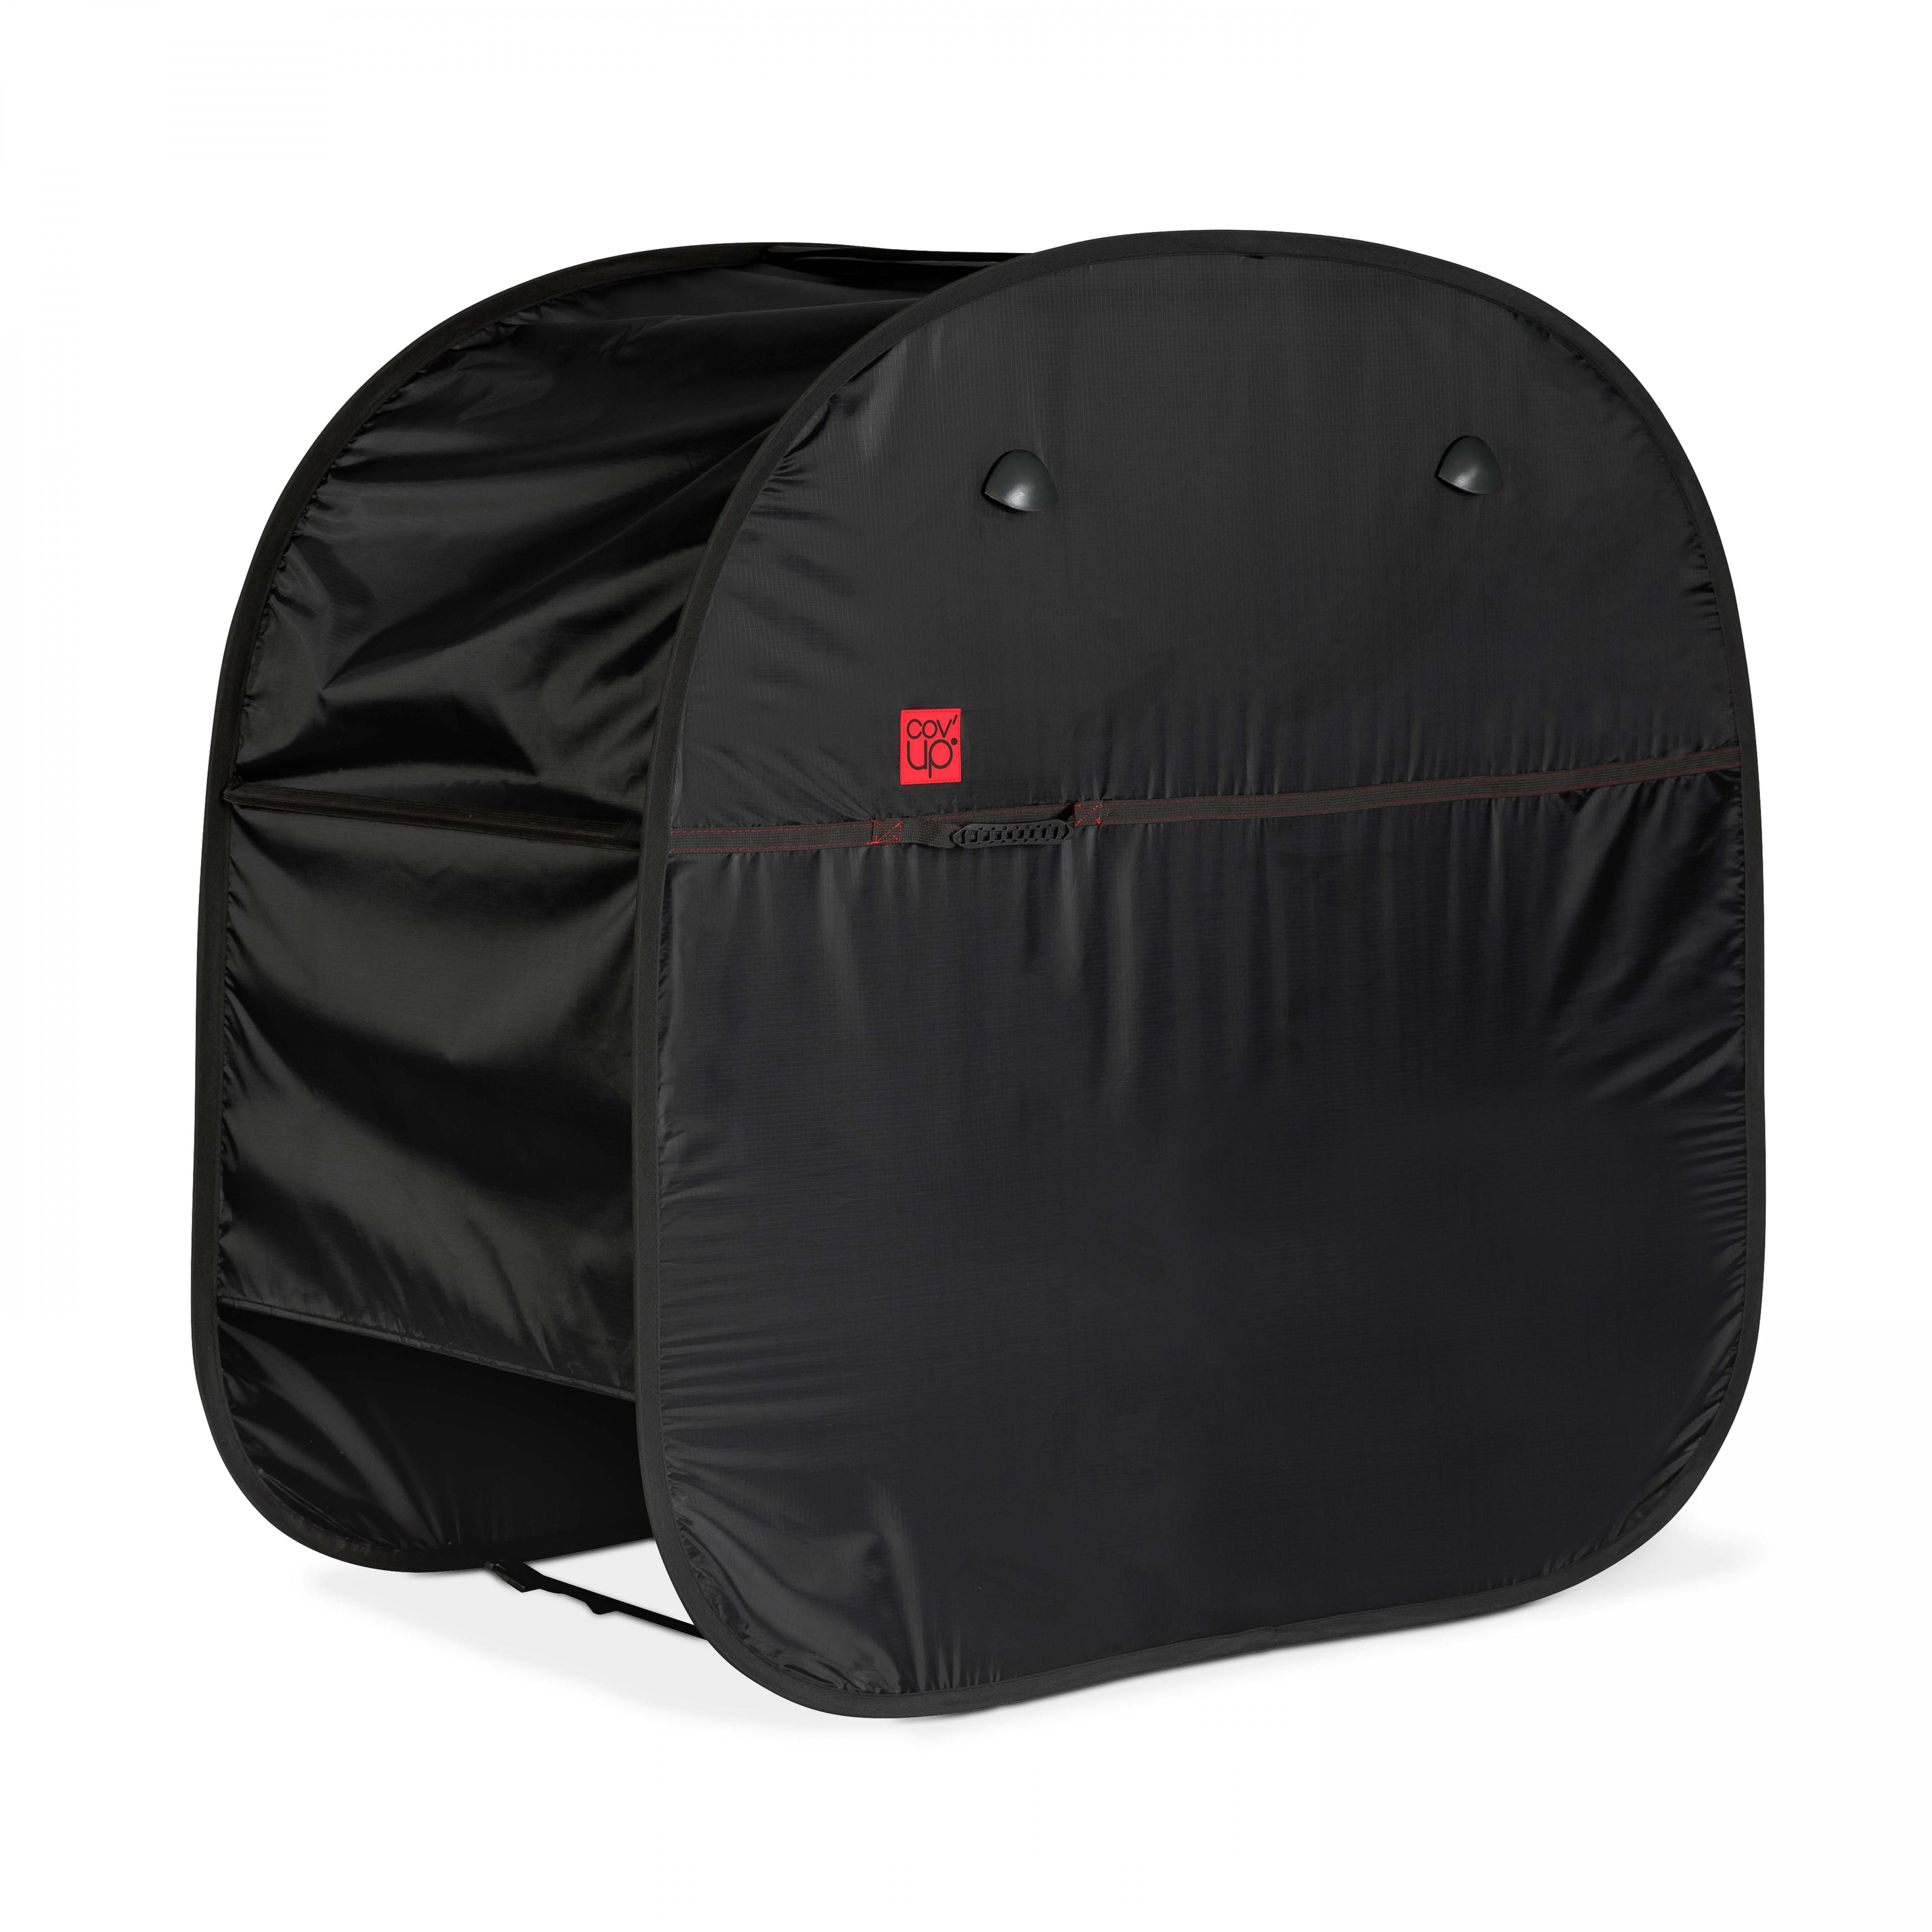 Housse de protection brevetée pour barbecue 150 x 60 x 120 cm